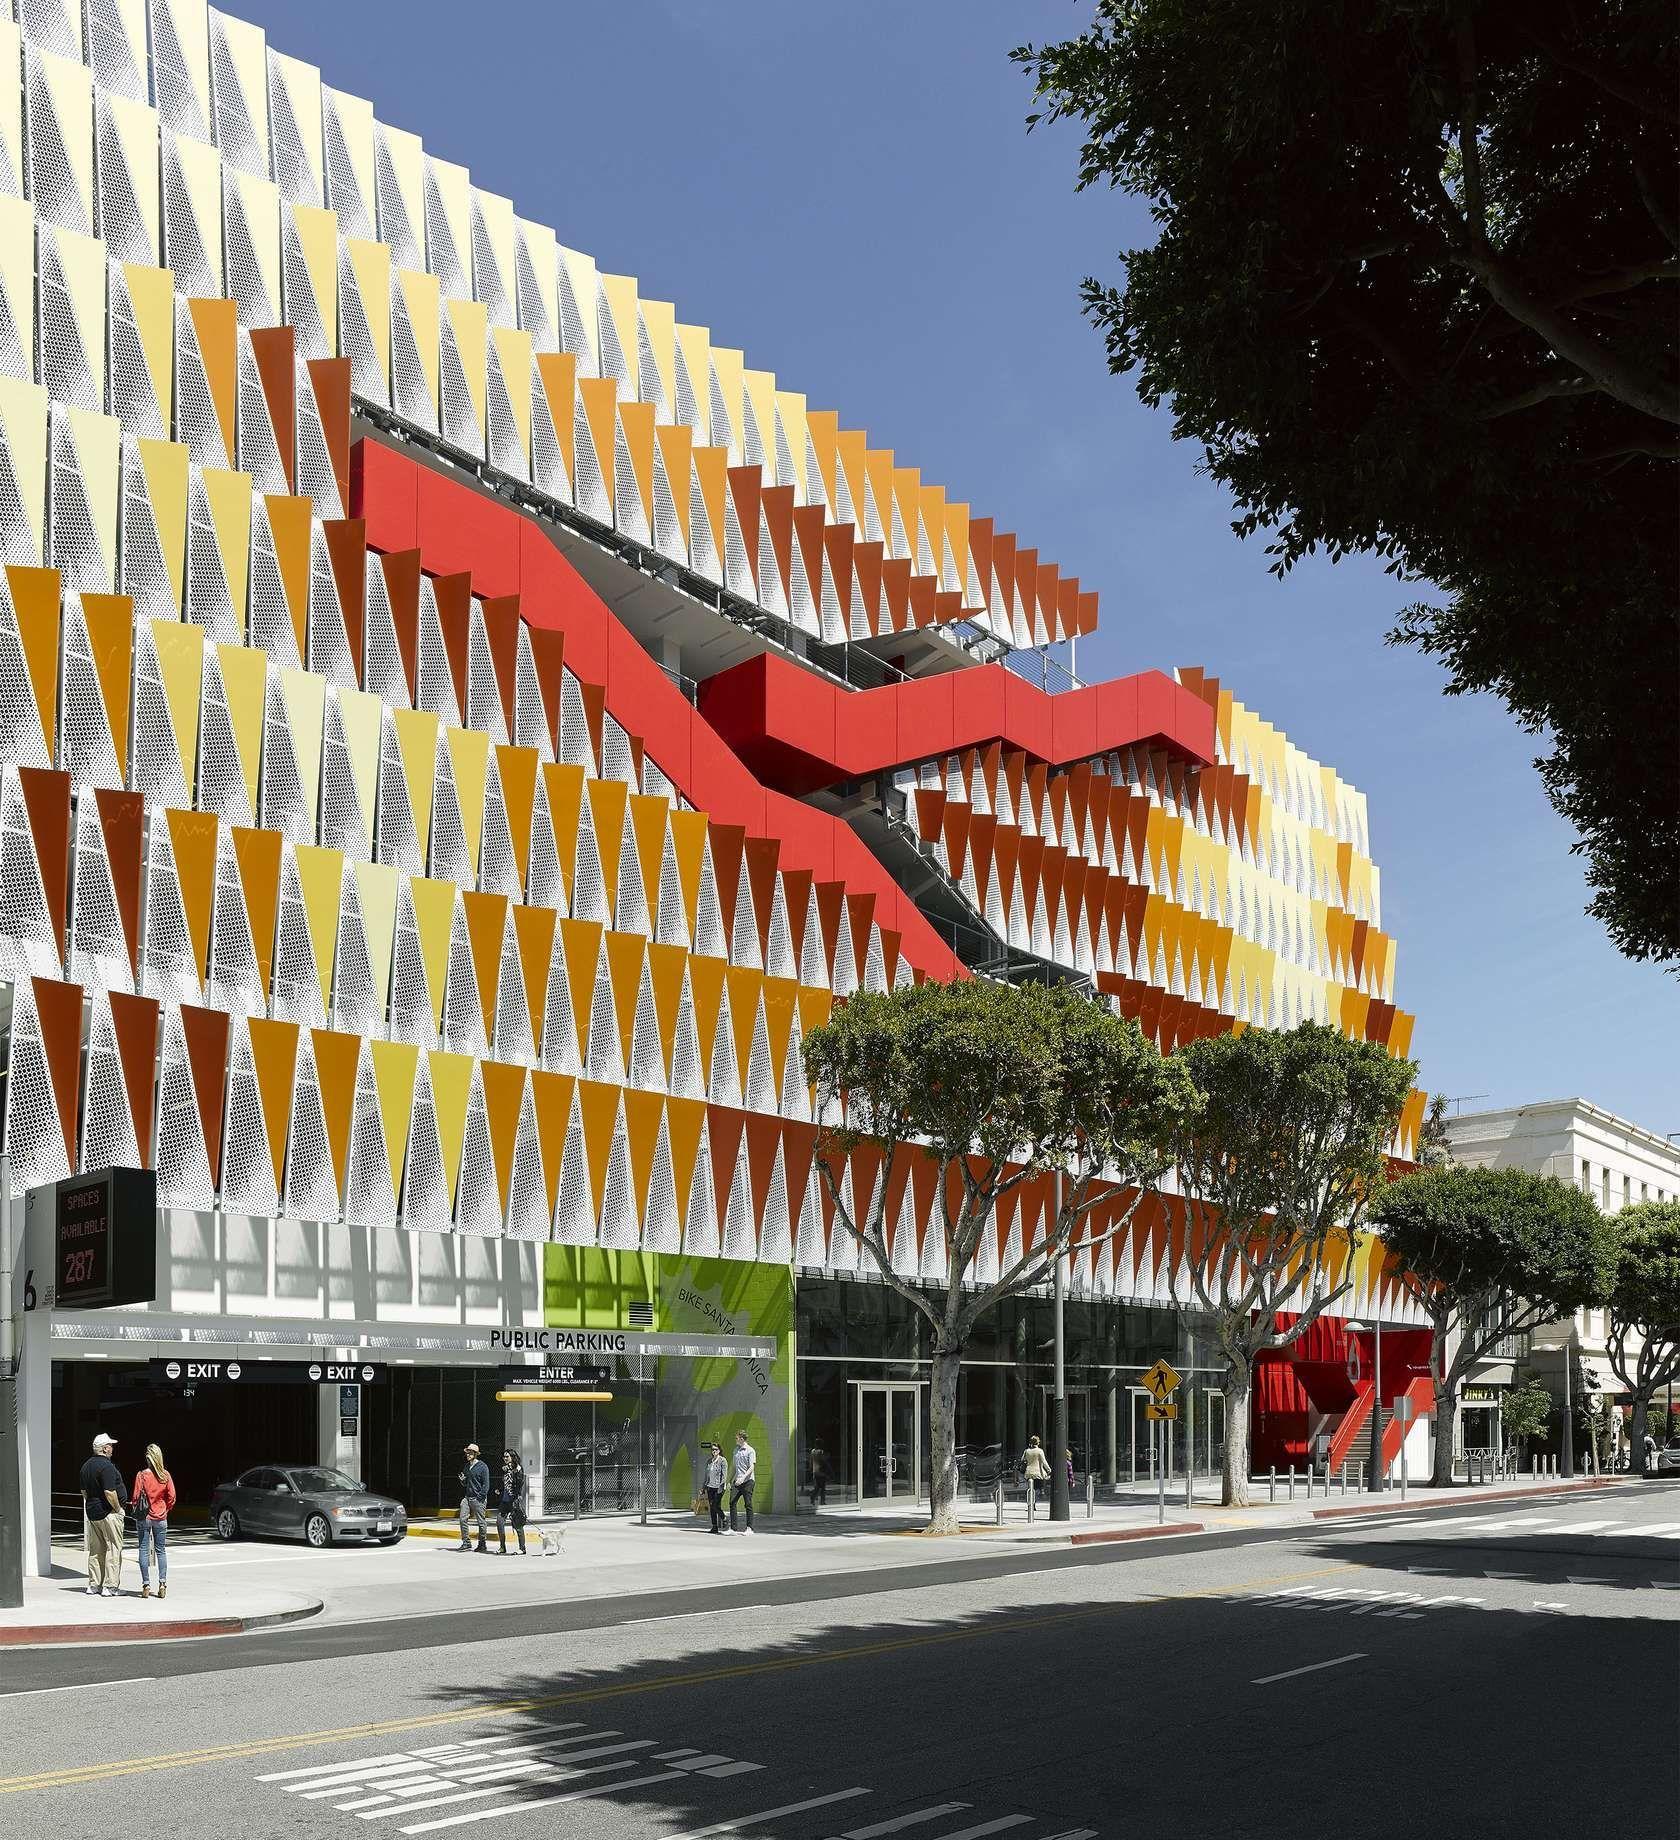 City of santa monica public parking edificios fachadas